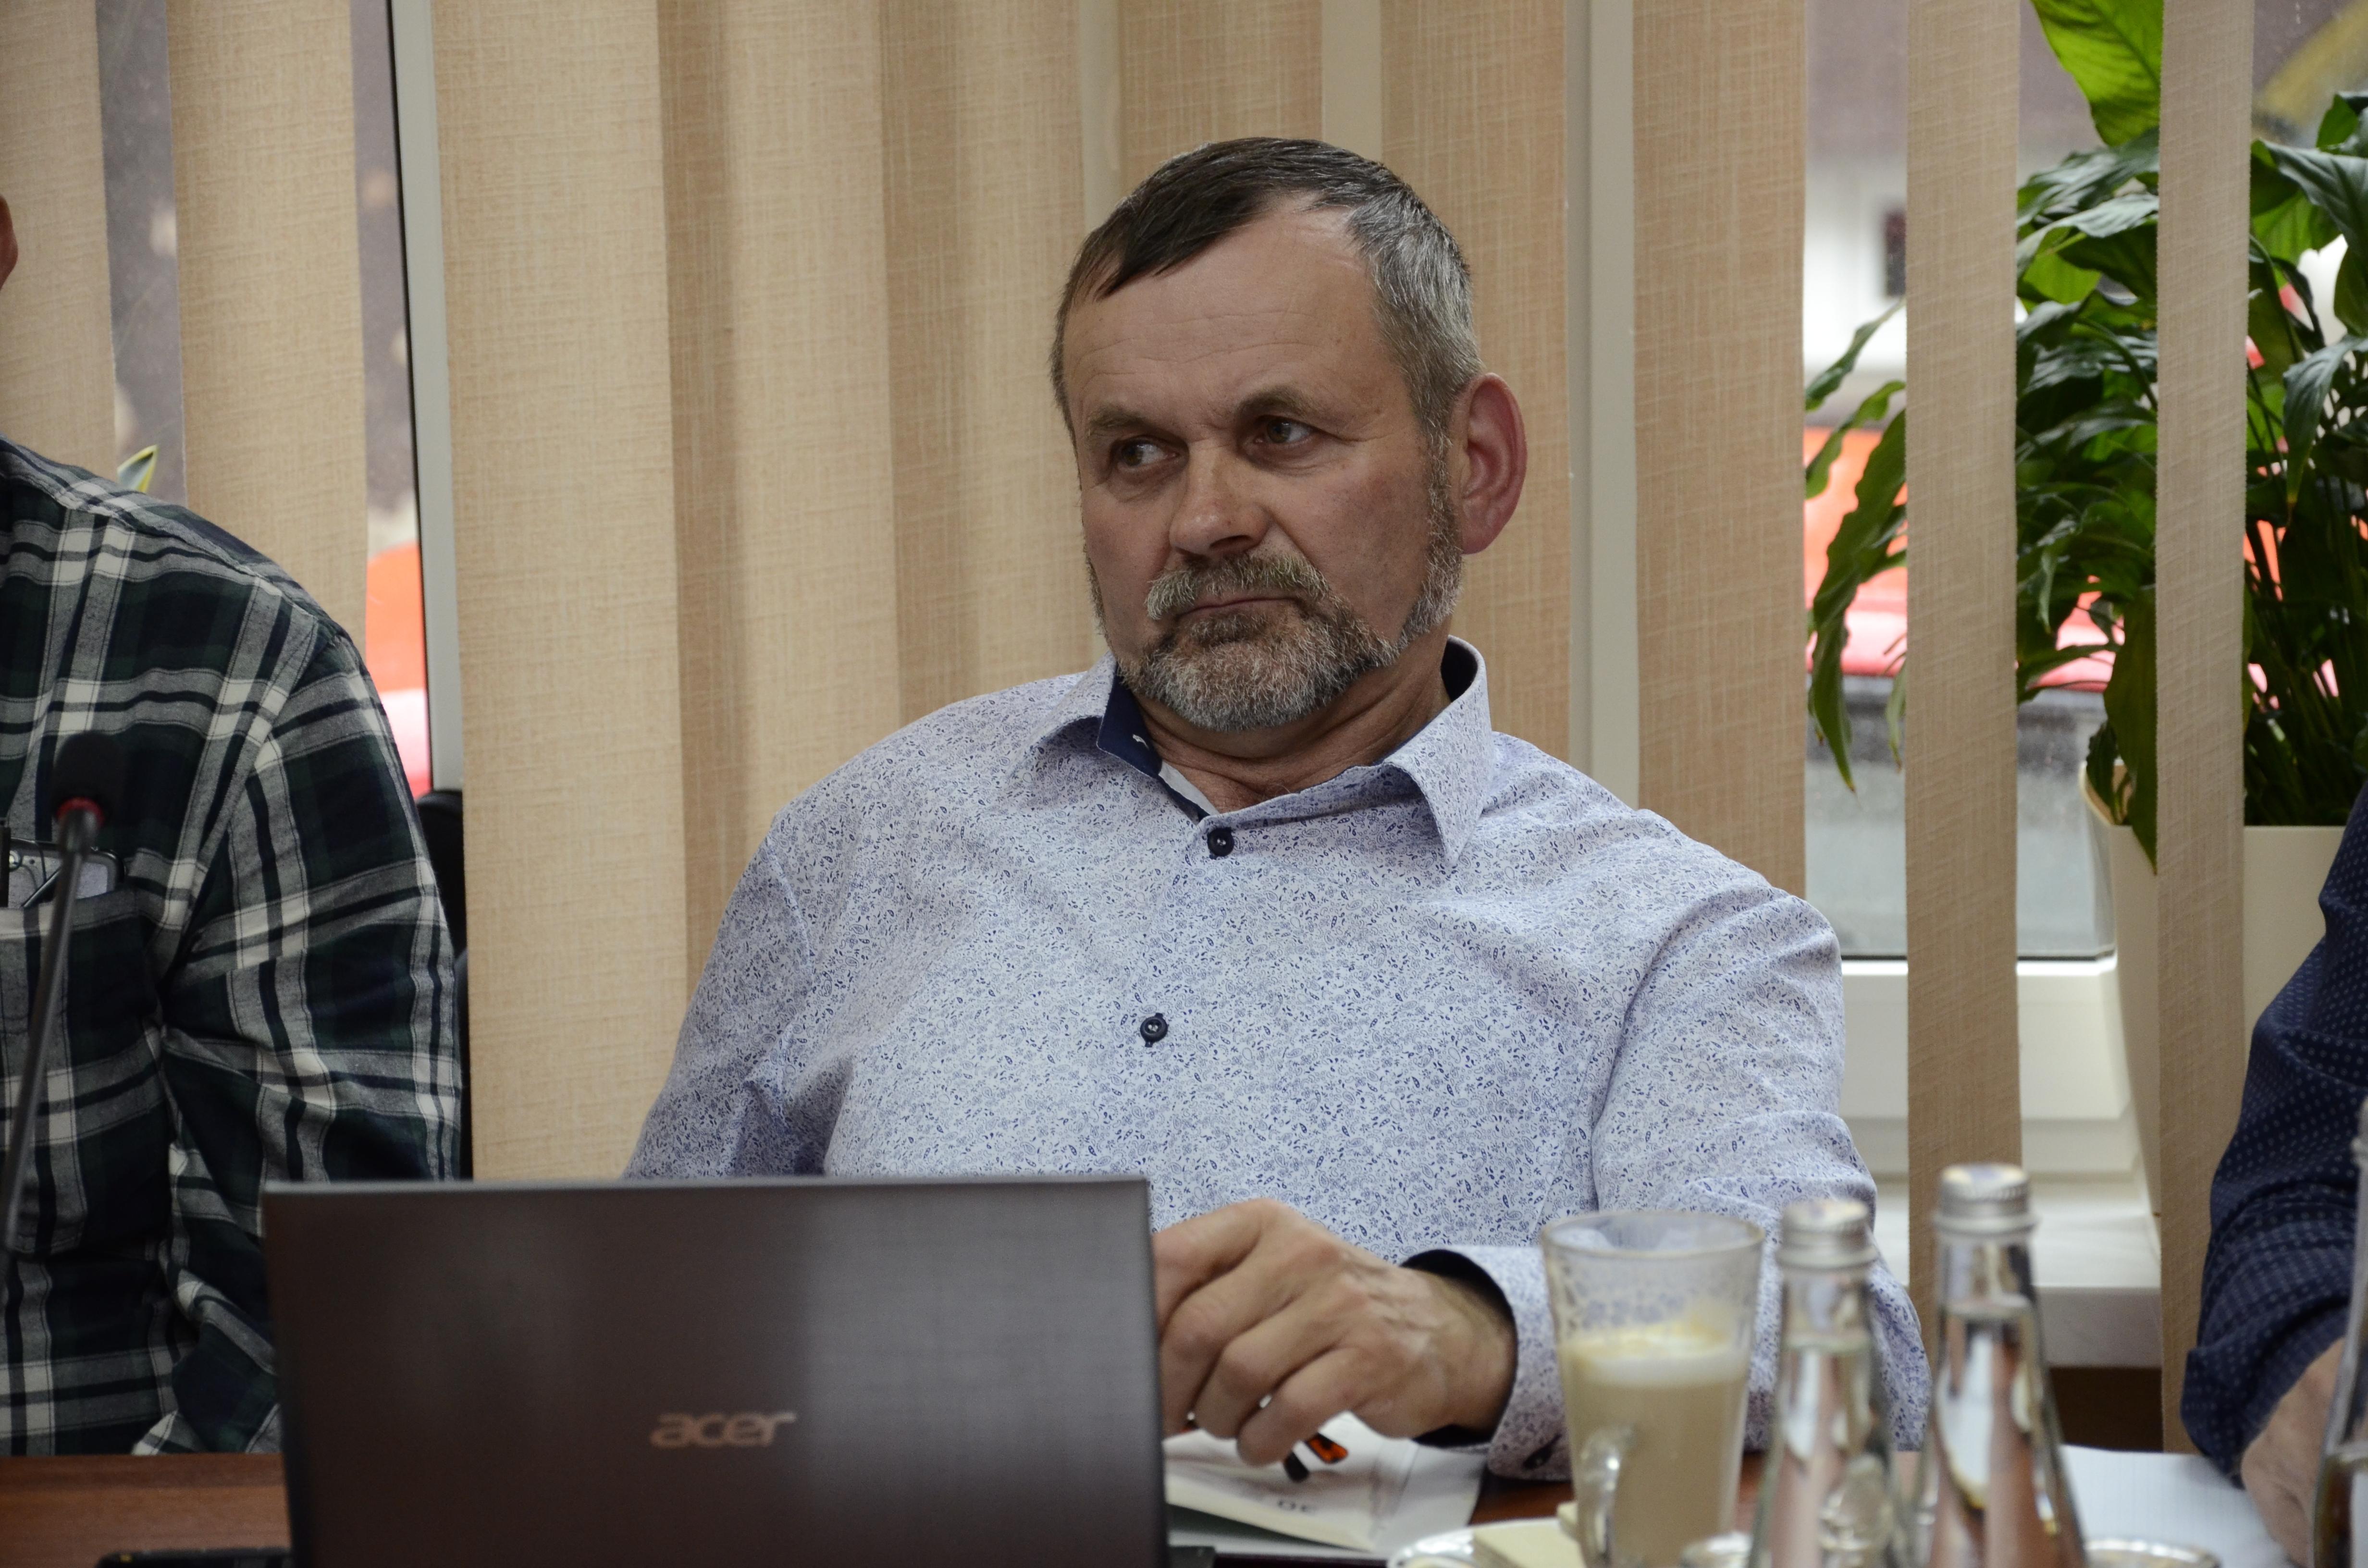 Gmina Niwiska. - Od lat jest jeden i ten sam nierozwiązany temat - podkreślił radny mówiąc o drogach powiatowych - Zdjęcie główne